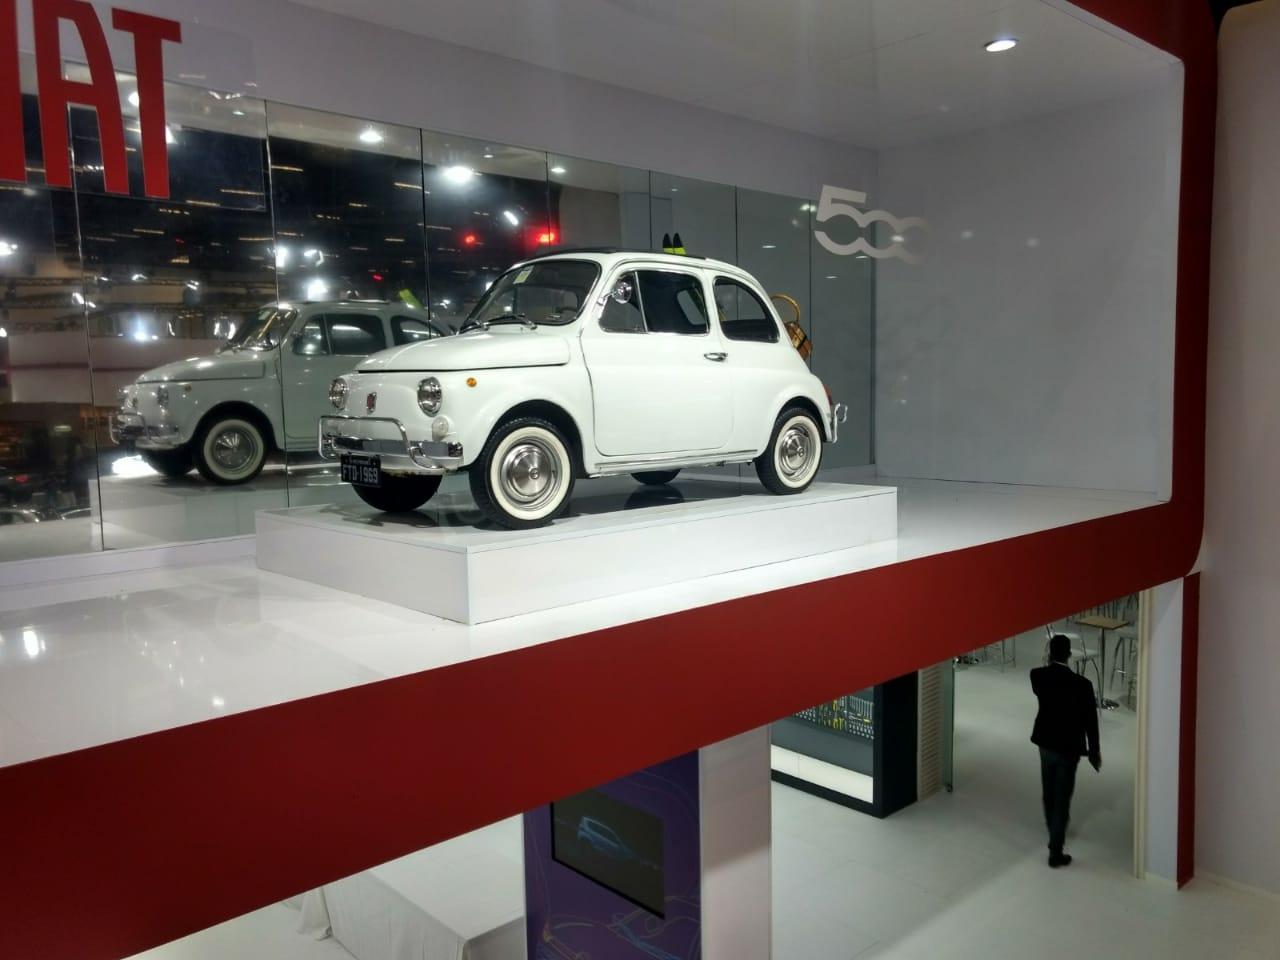 Carros antigos no Salão do Automóvel de São Paulo 2018: 500 1969 em exibição no estande da Fiat